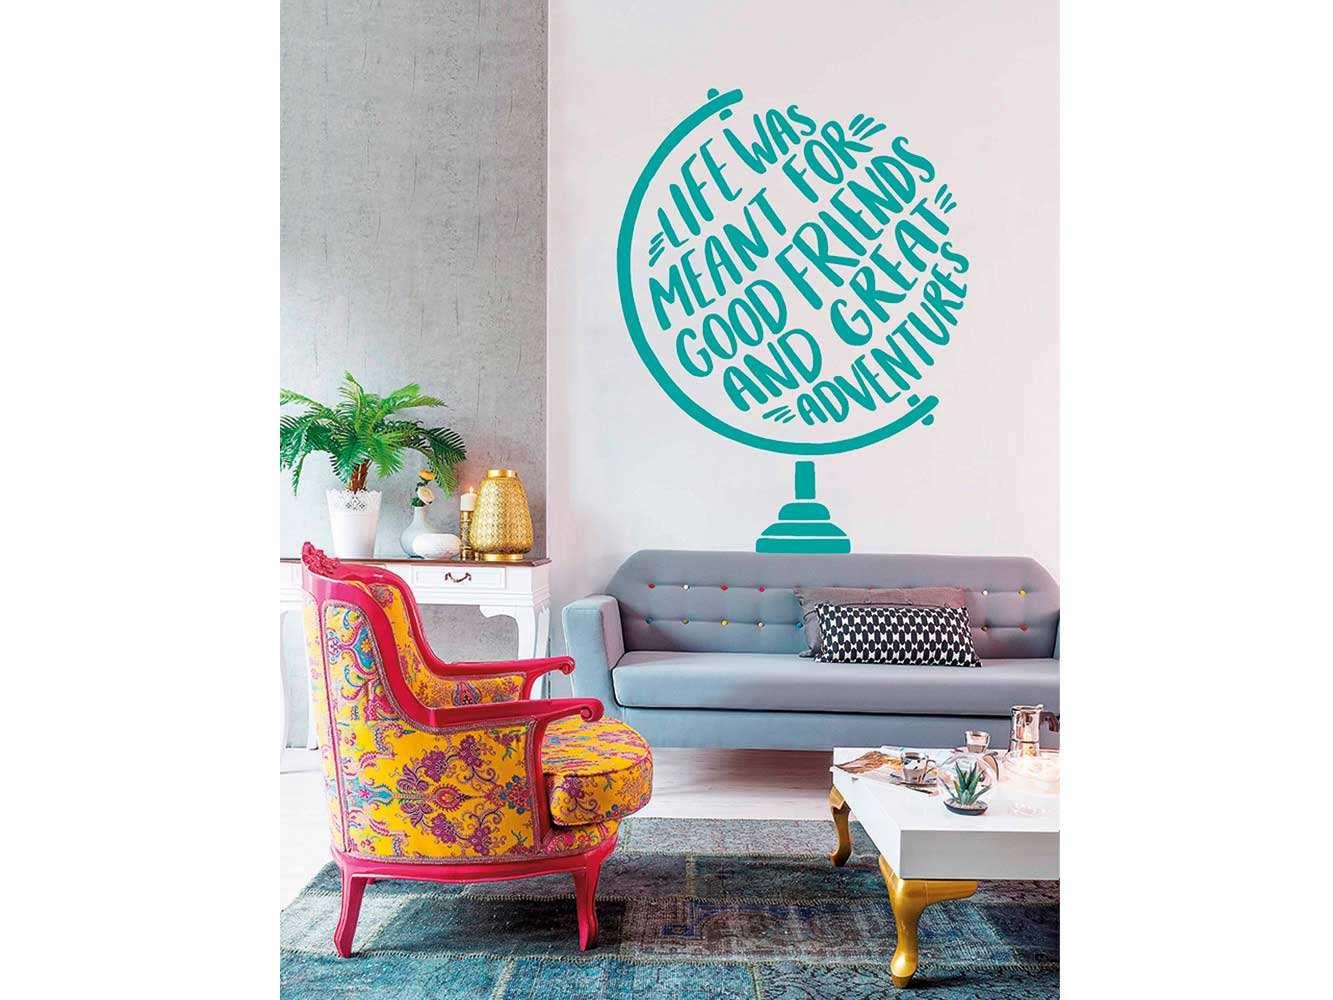 Vinilo Frases Good Friends | Carteles XXL - Impresión carteleria publicitaria